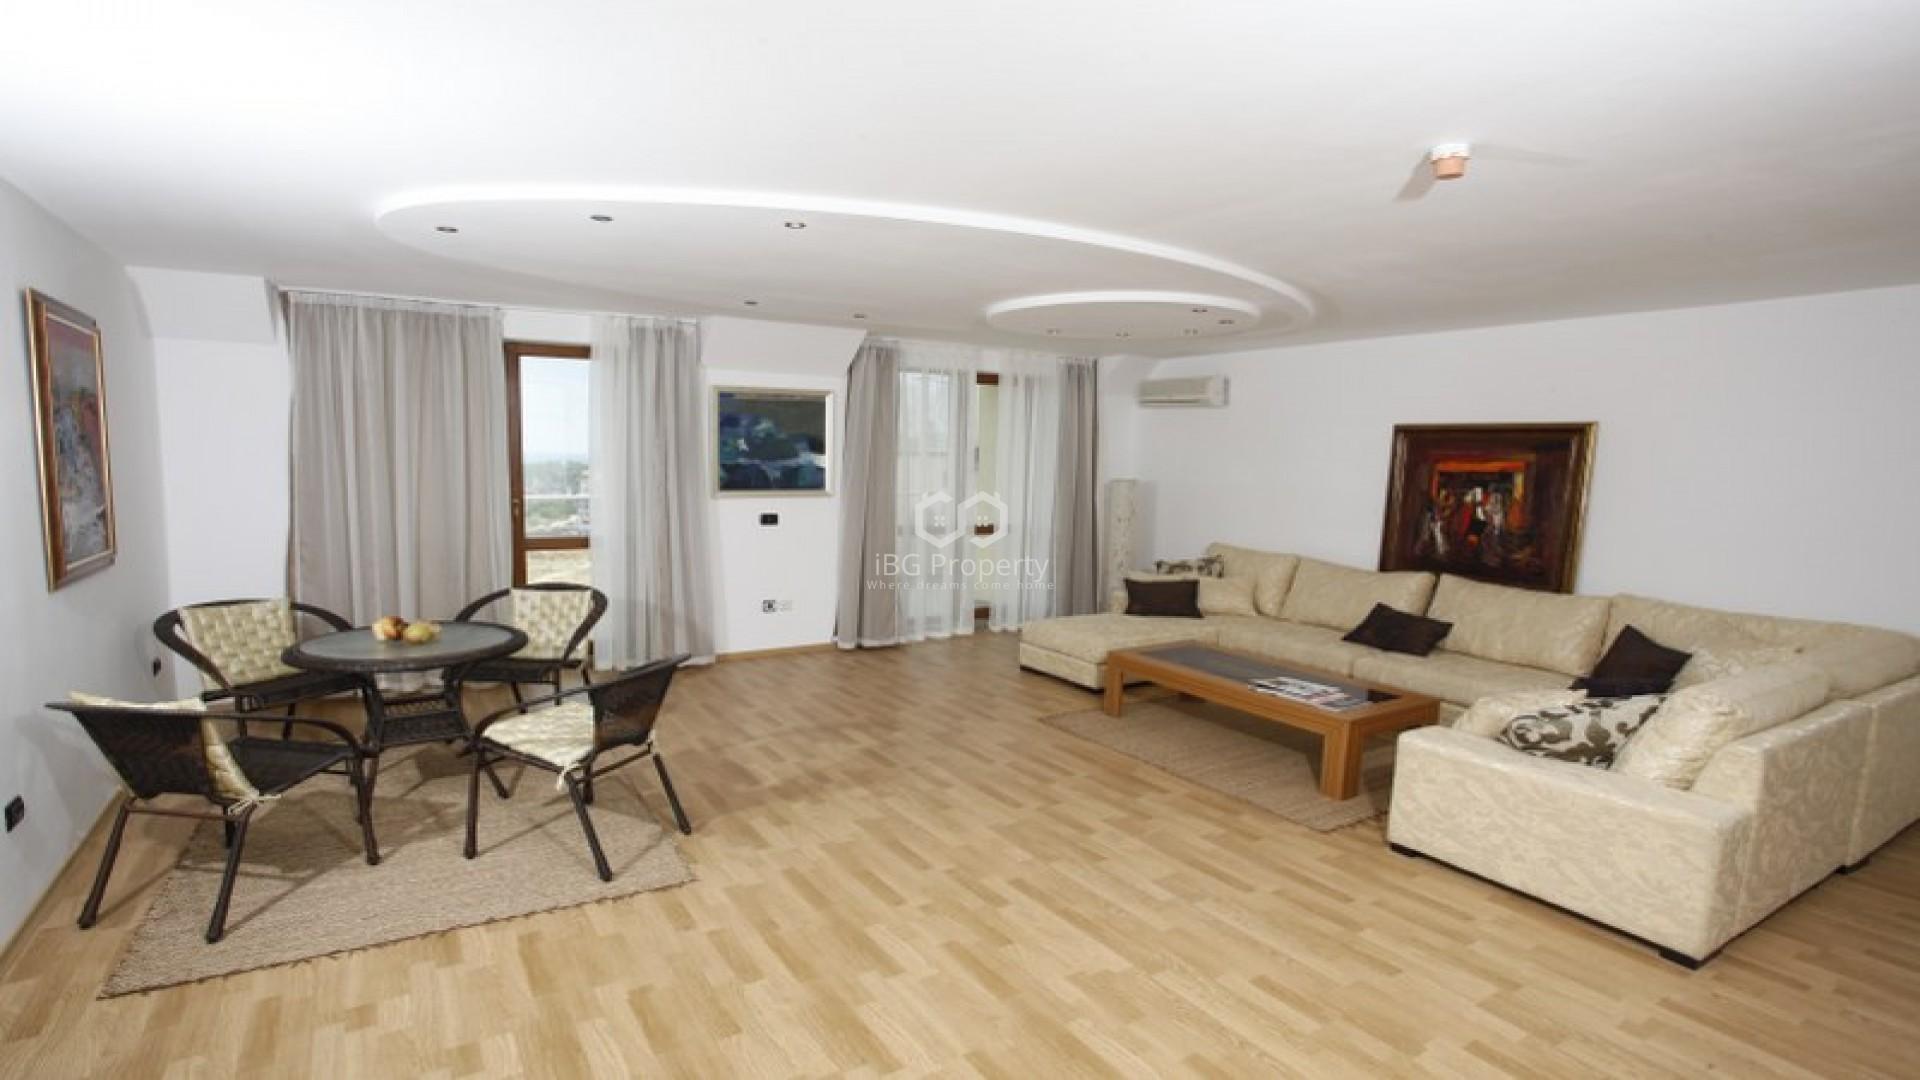 Двухкомнатная квартира Бяла 143 m2